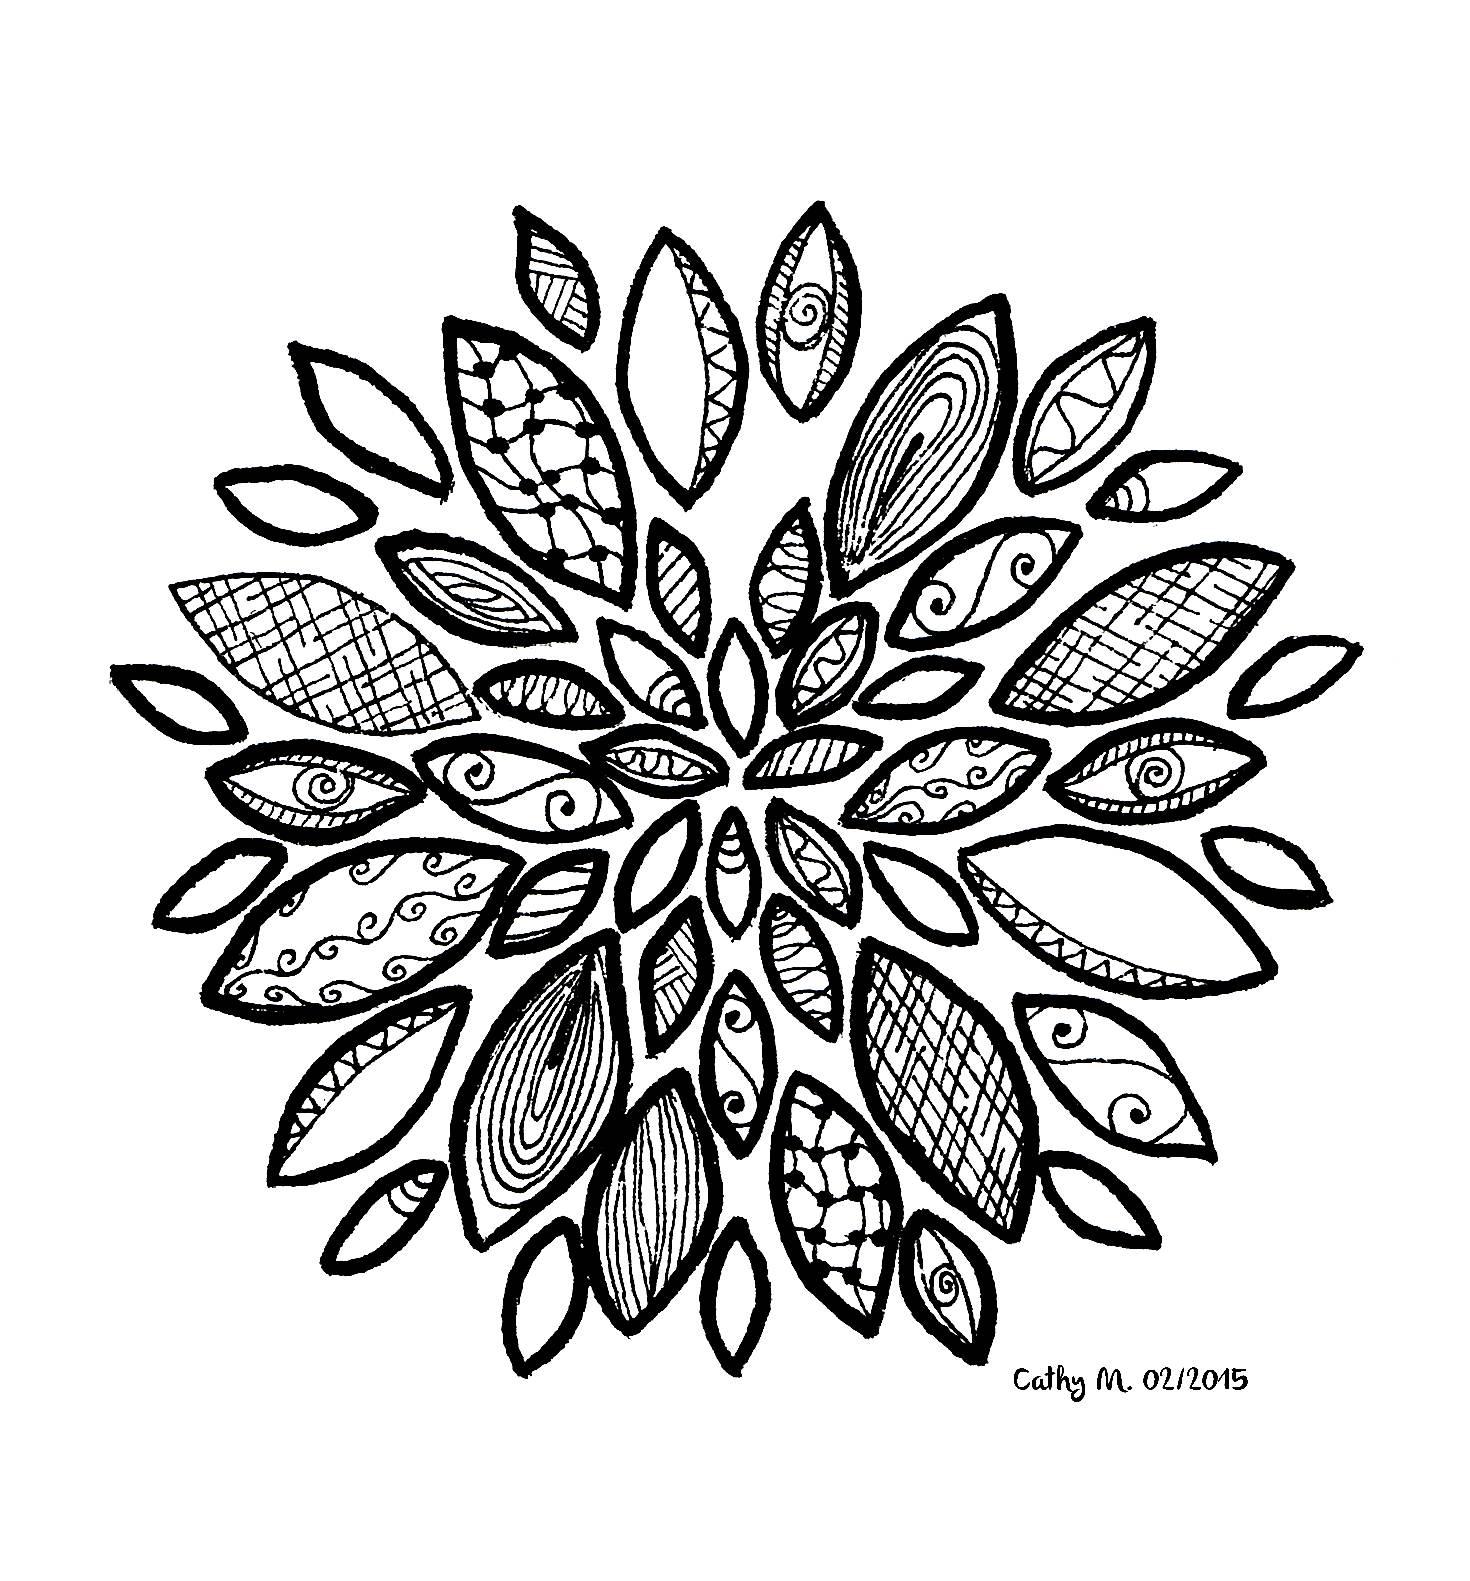 Disegni da colorare per adulti : Anti-stress / Zen - 75